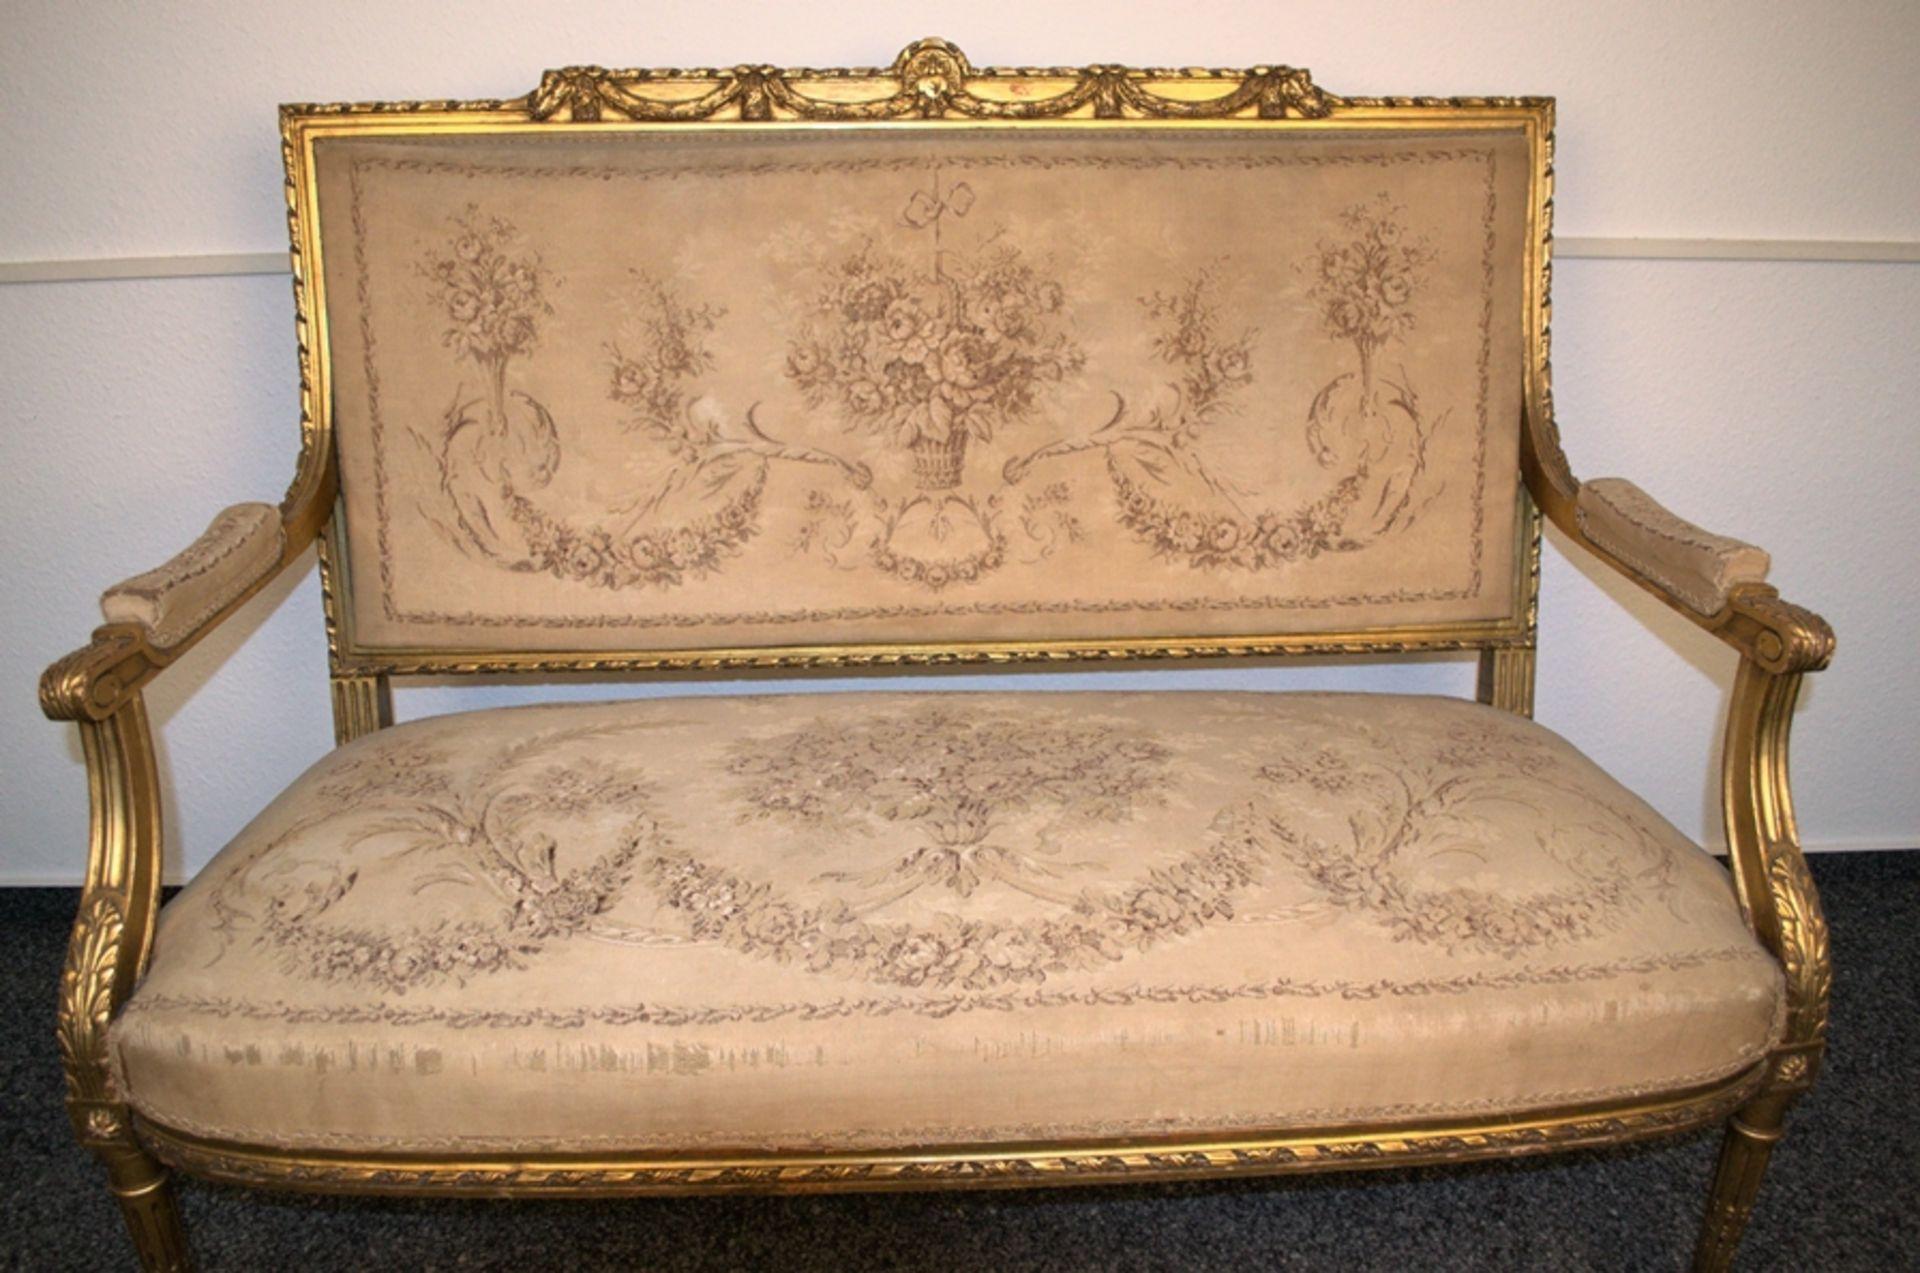 Prachtvolles Kanapee, Louis XVI-Stil, Frankreich um 1890. Zweisitzige, gepolsterte Sitzbank, - Bild 4 aus 12